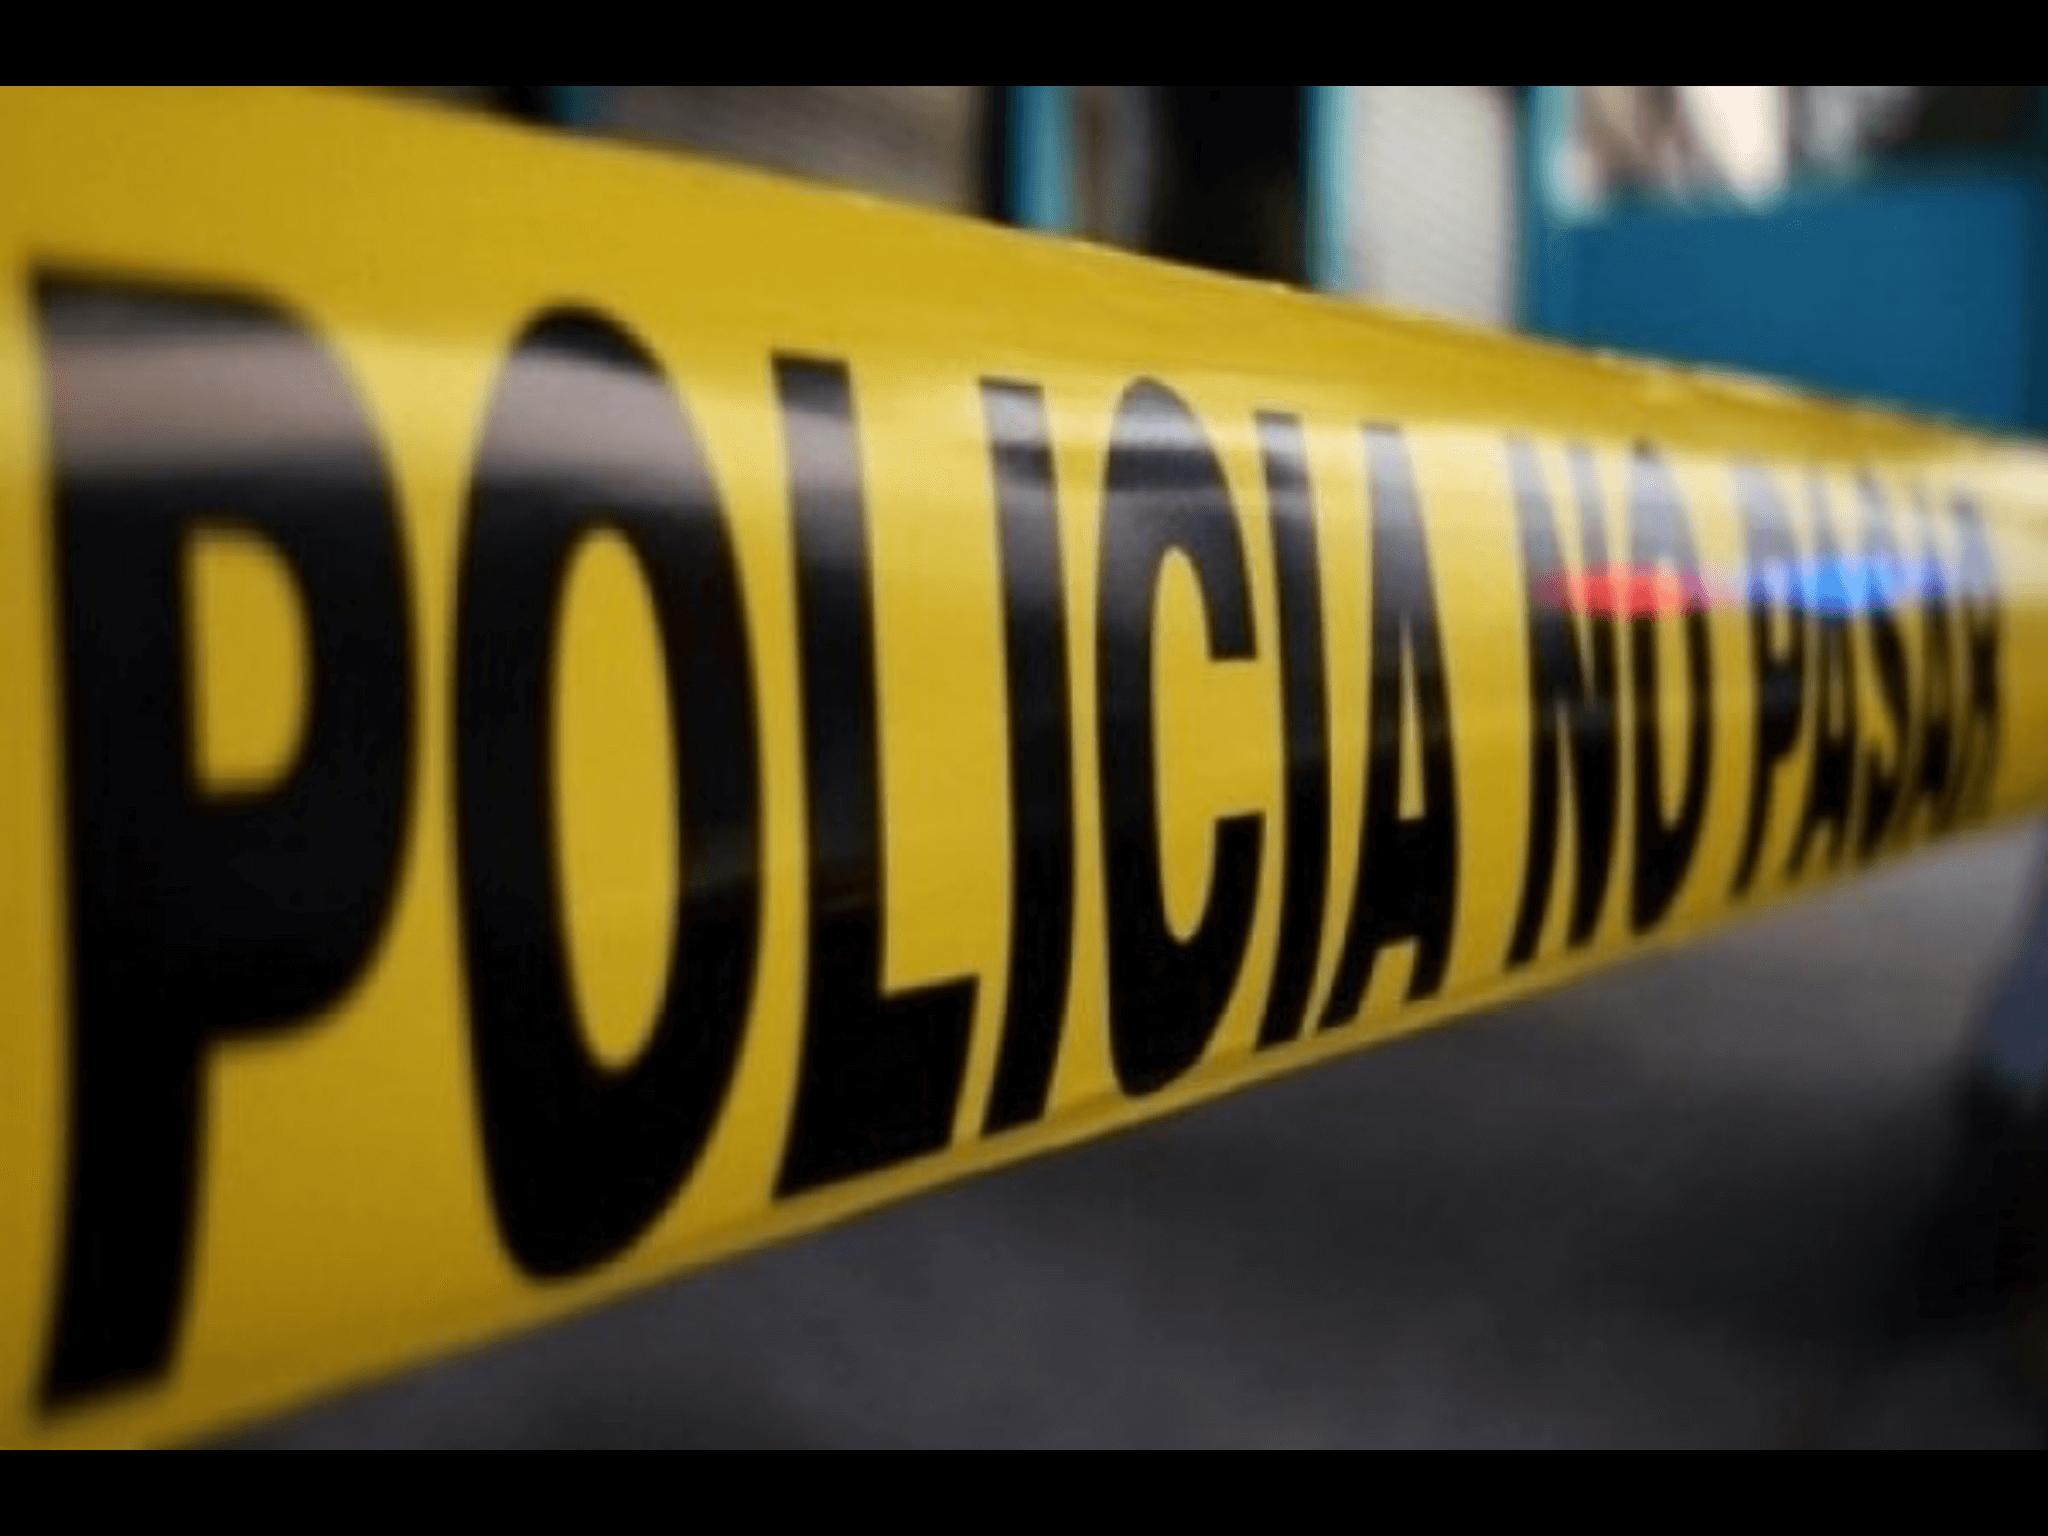 No cede la violencia, feminicidio y asesinato en Toluca